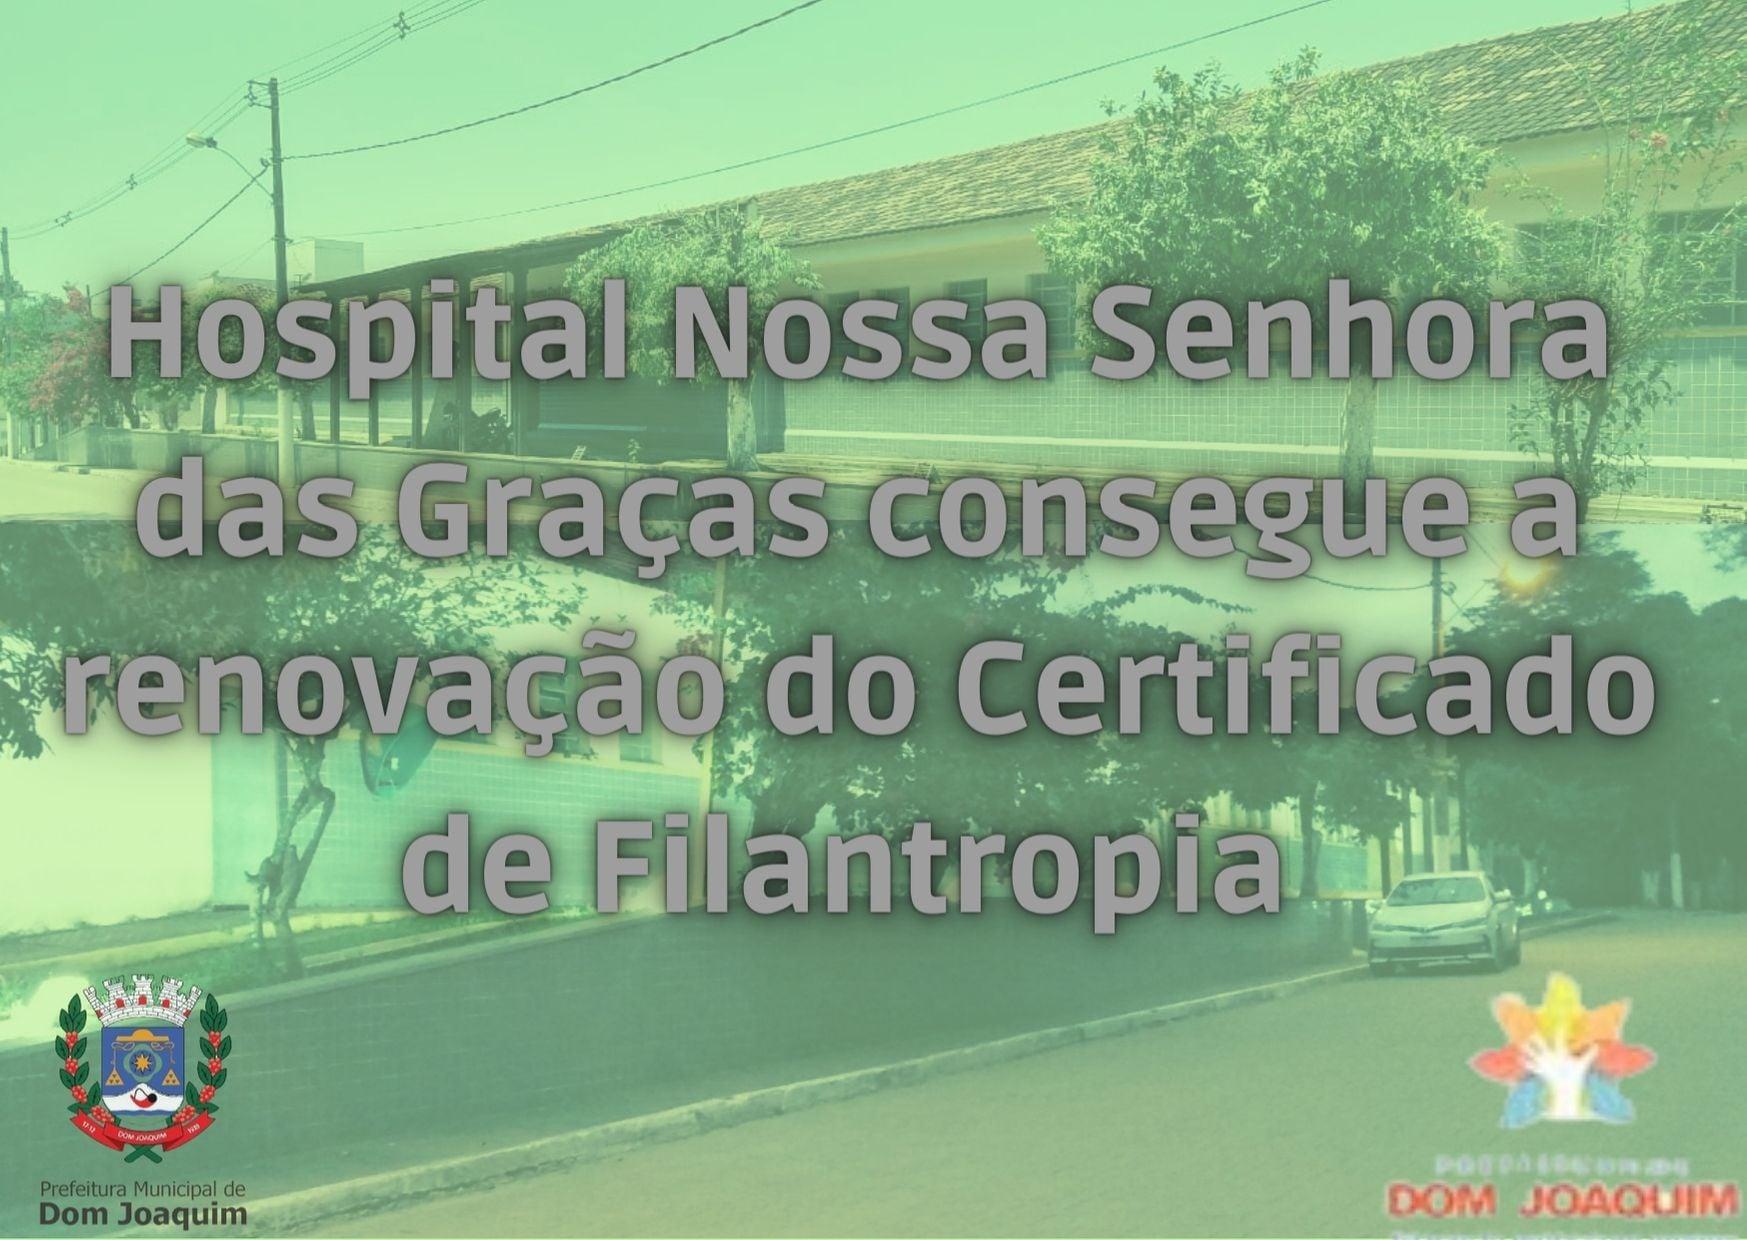 O HOSPITAL NOSSA SENHORA DAS GRAÇAS CONSEGUE RENOVAR O TÍTULO DE FILANTROPIA